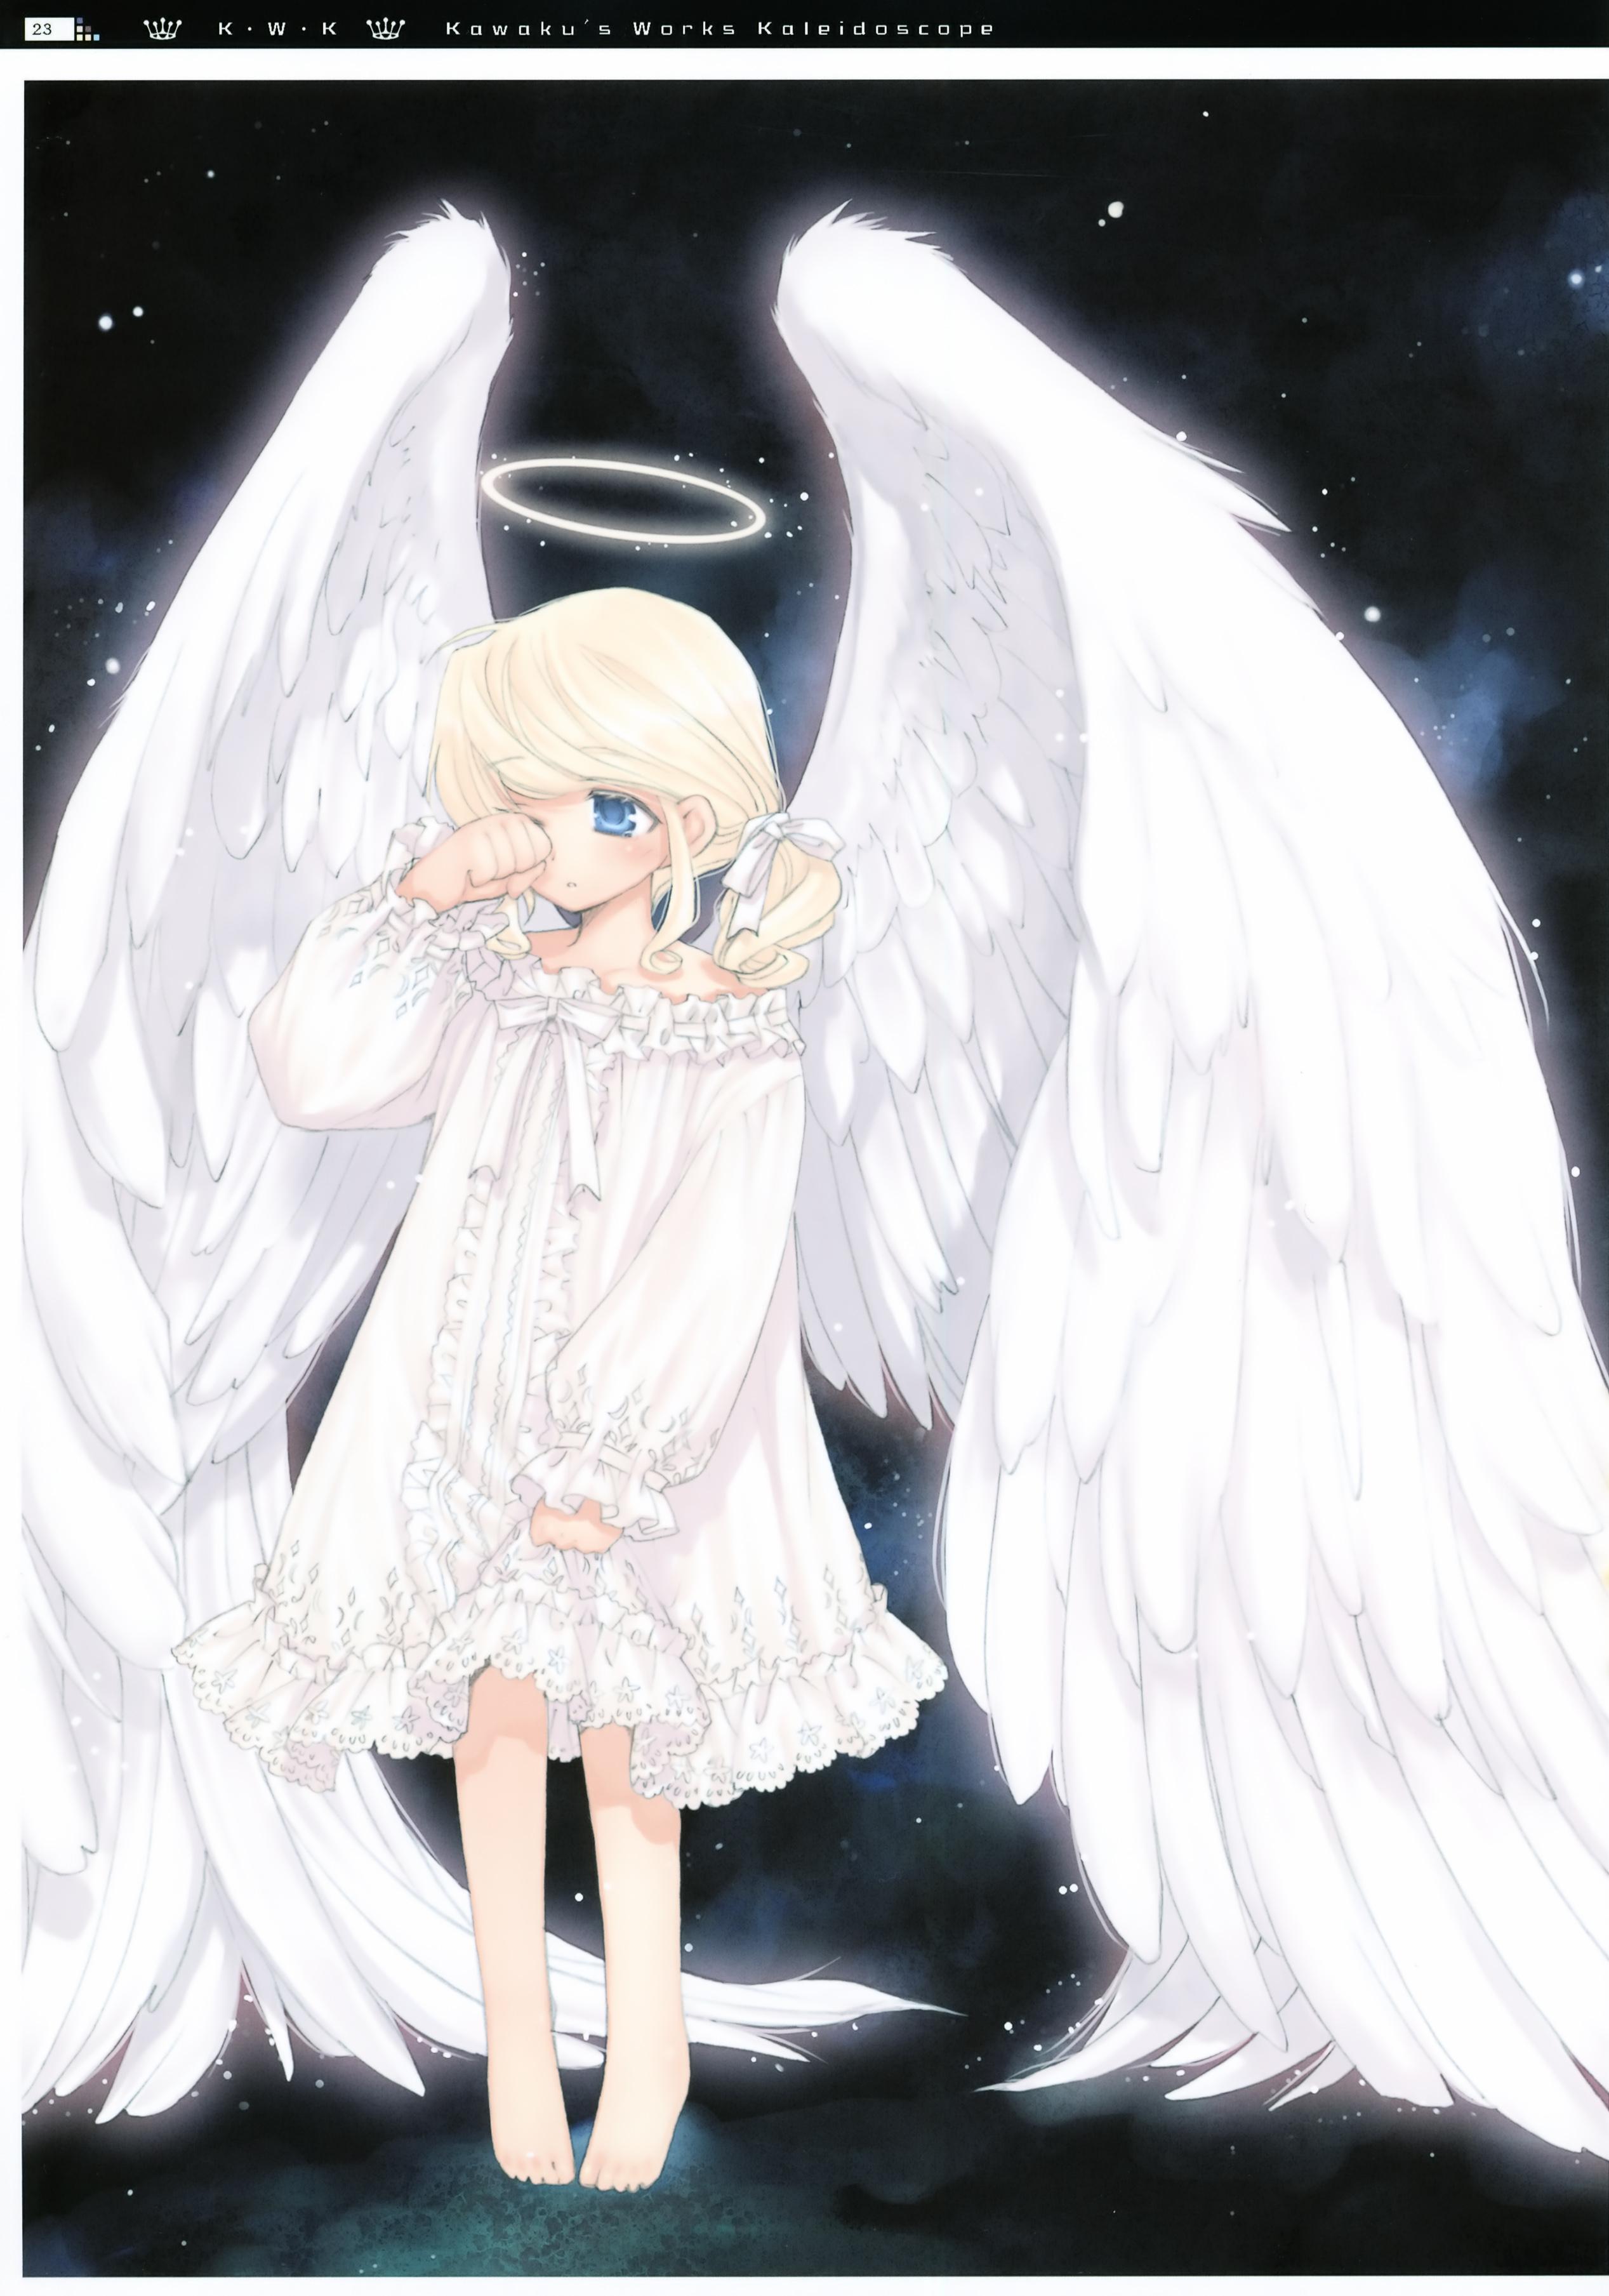 Арты аниме девочек ангелов